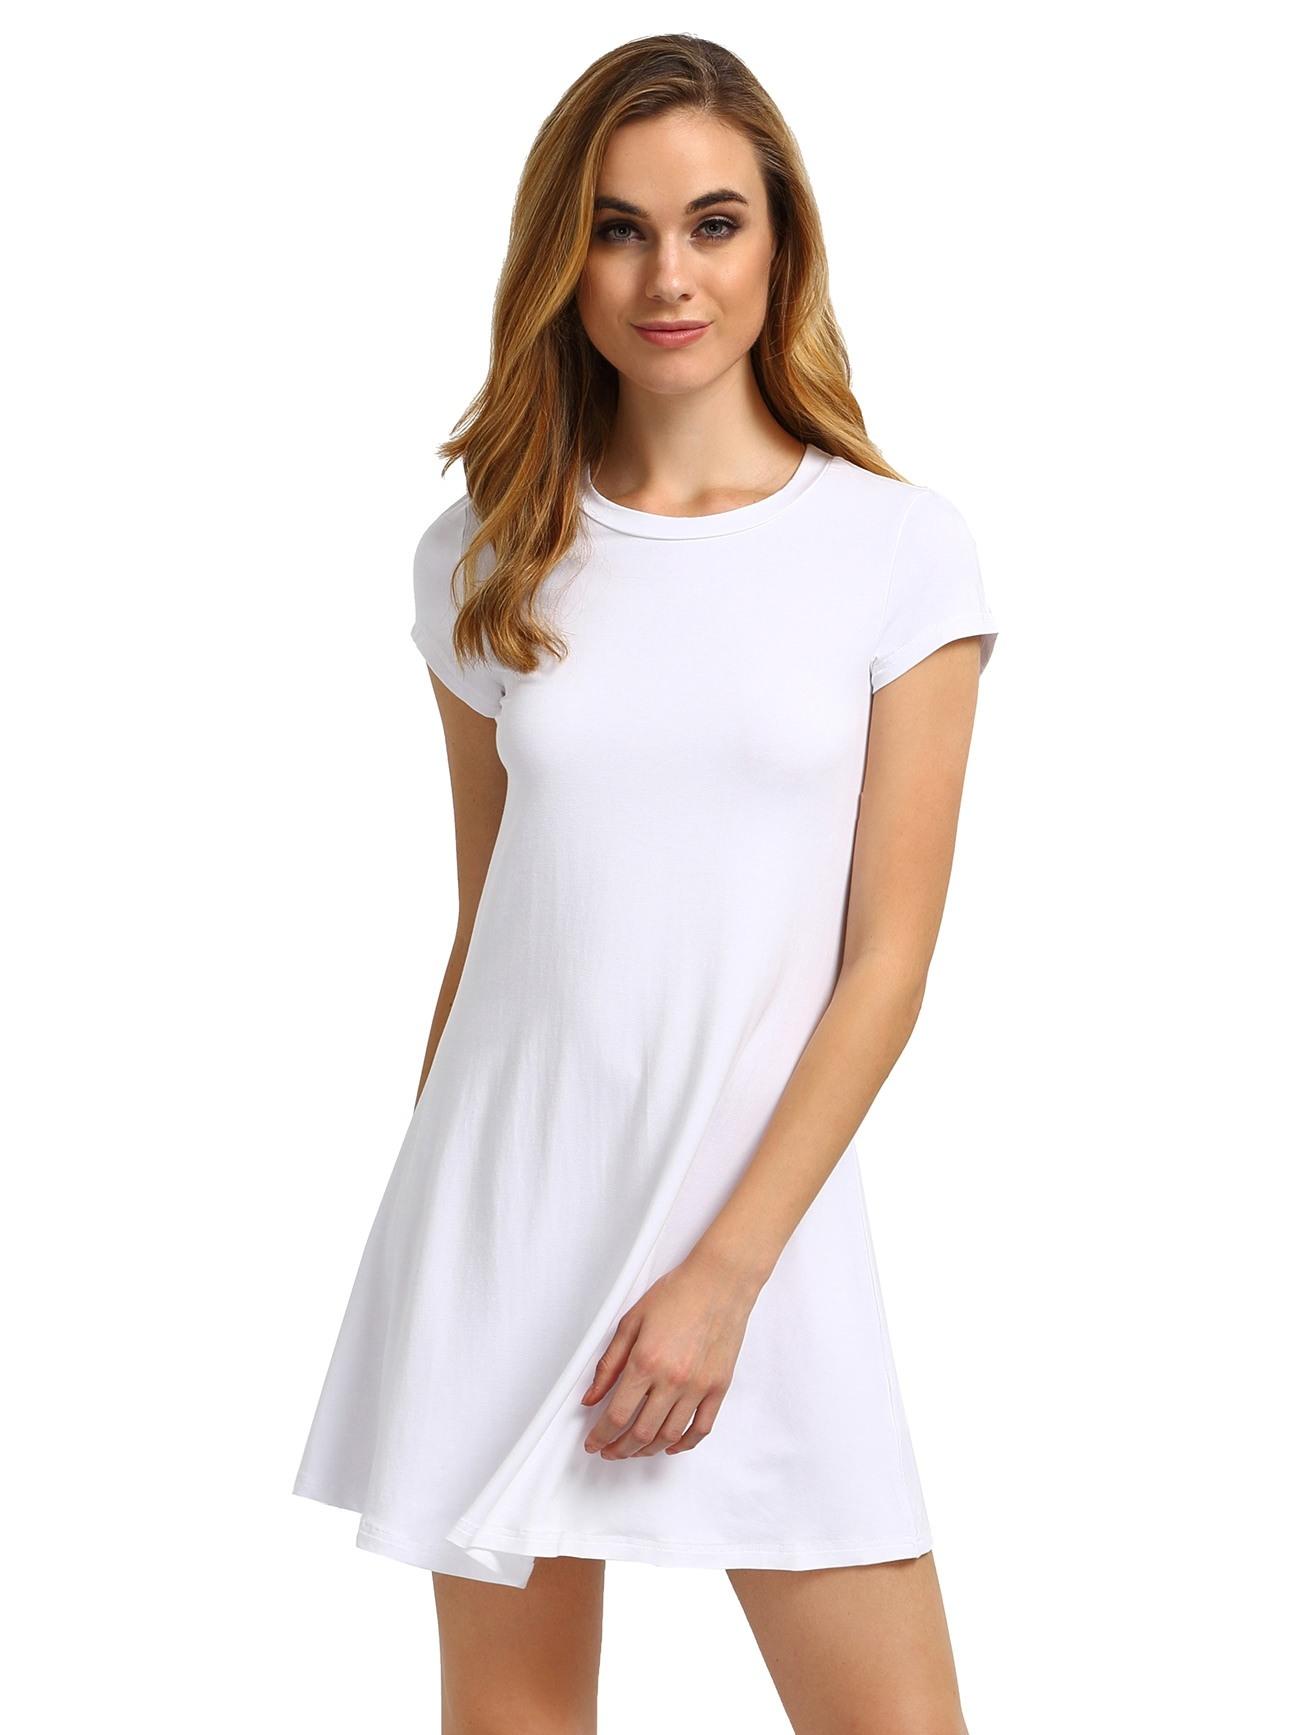 Einzigartig Weißes Kleid Kurz Bester PreisFormal Schön Weißes Kleid Kurz Ärmel